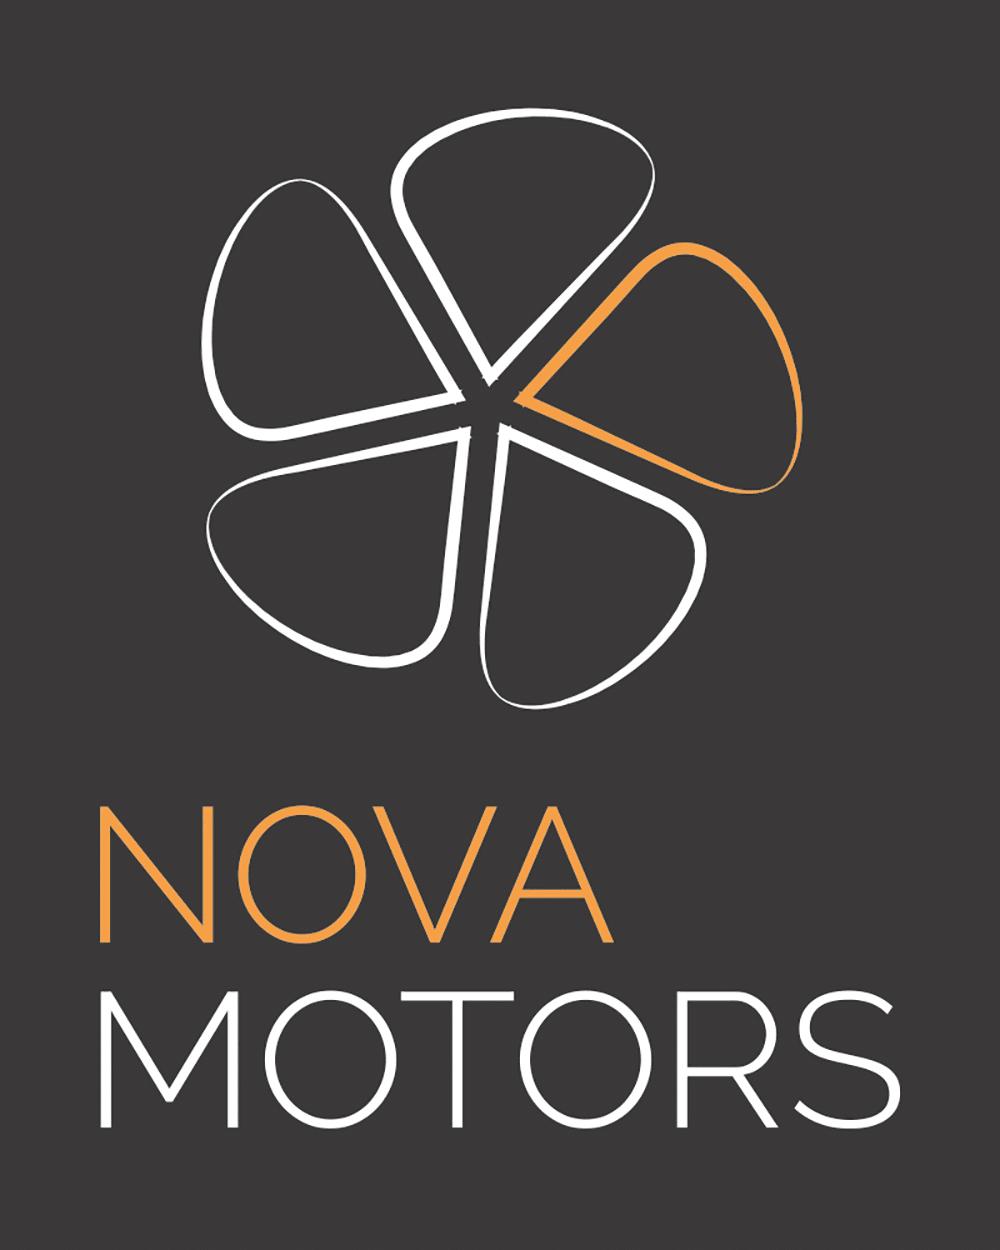 nova-motors-logo